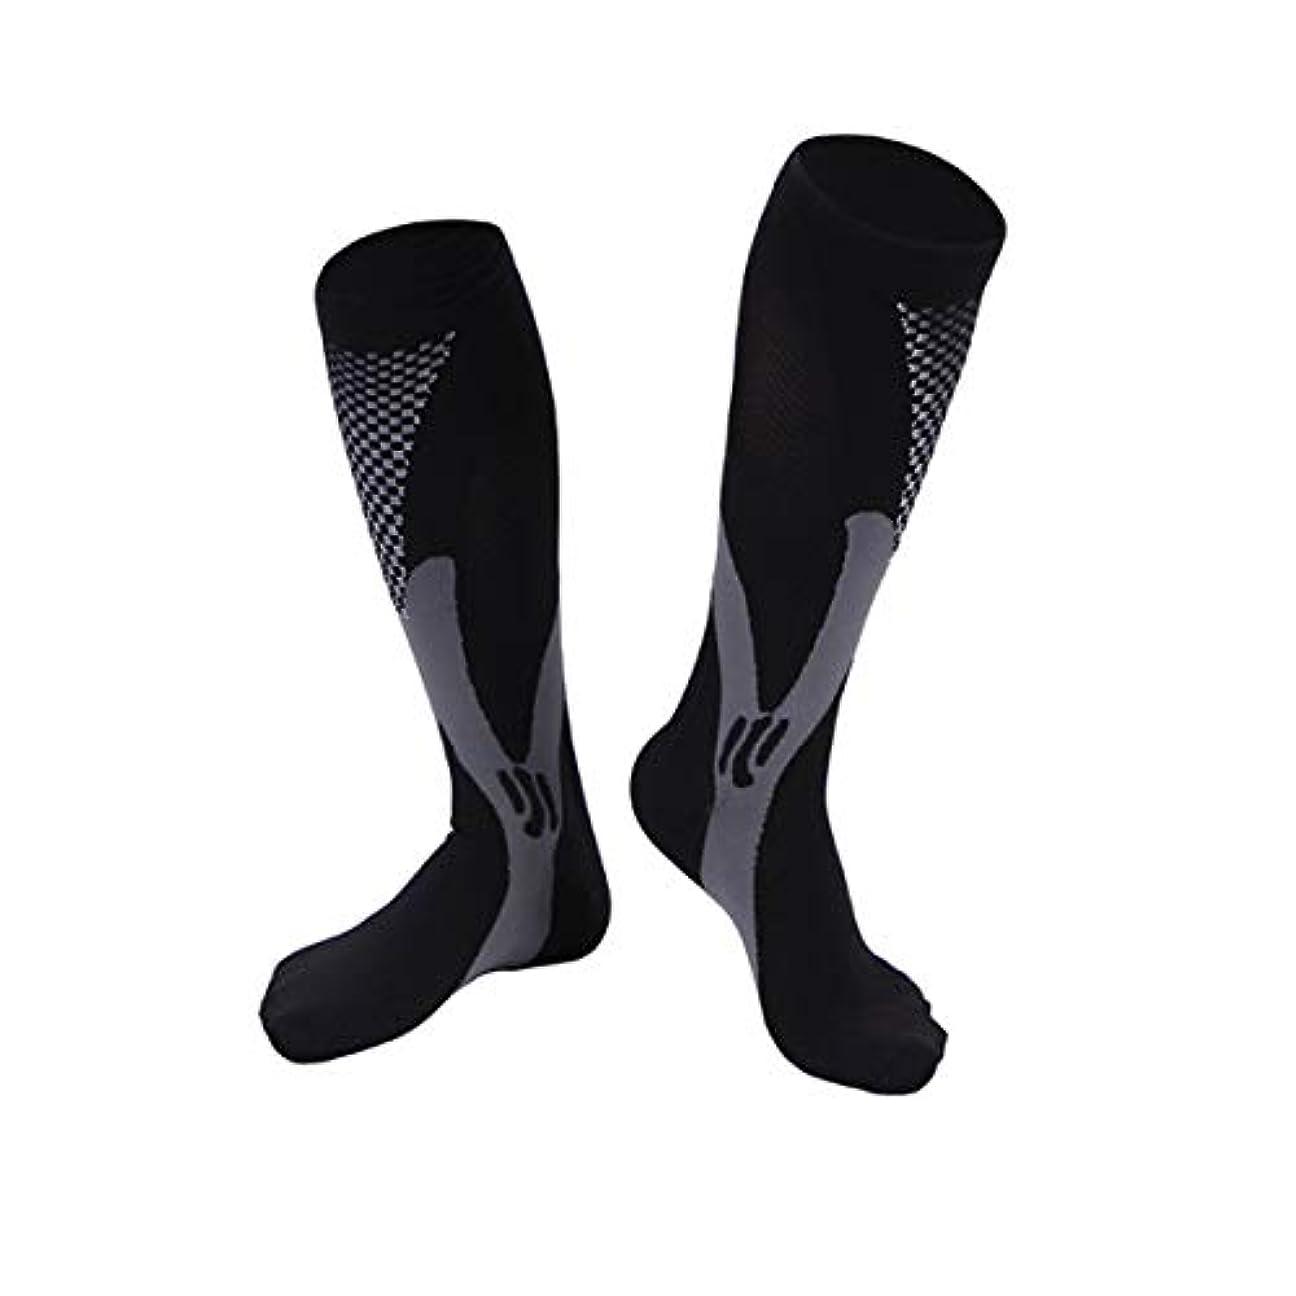 これらのみおとなしい快適な男性女性ファッションレッグサポートストレッチ圧縮ソックス下膝ソックスレッグサポートストレッチ通気性ソックス - ブラック2 XL